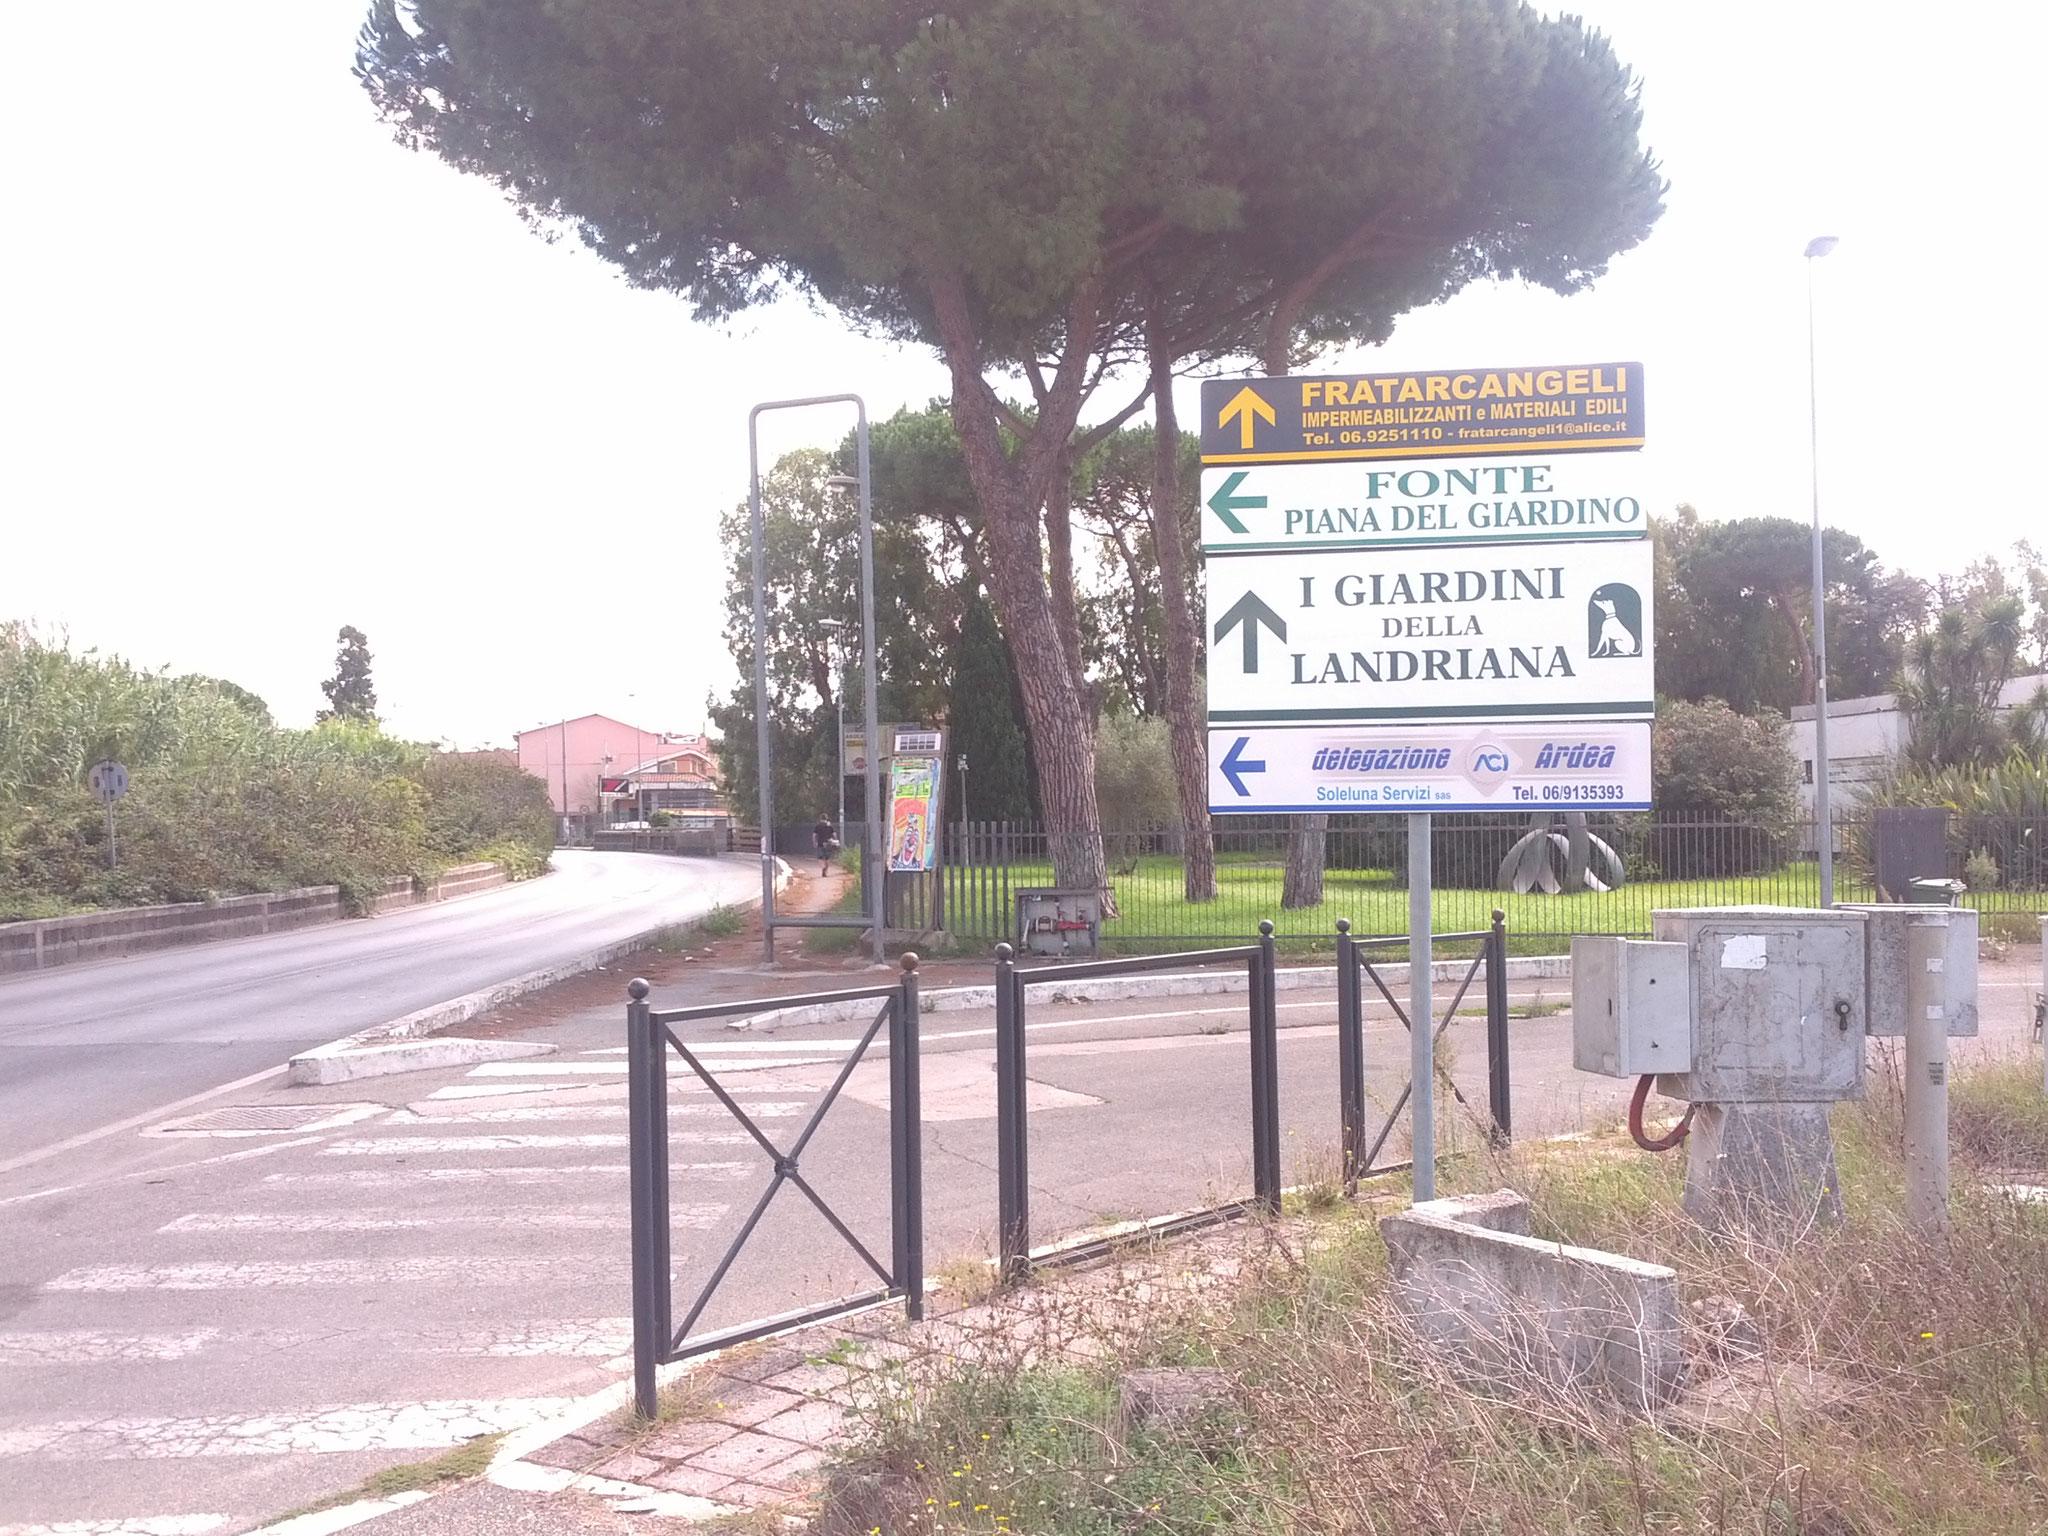 Targhe pubblicitarie ad Ardea Delegazione Aci Ardea, fonte Piana del giardino, I giardini della Landriana